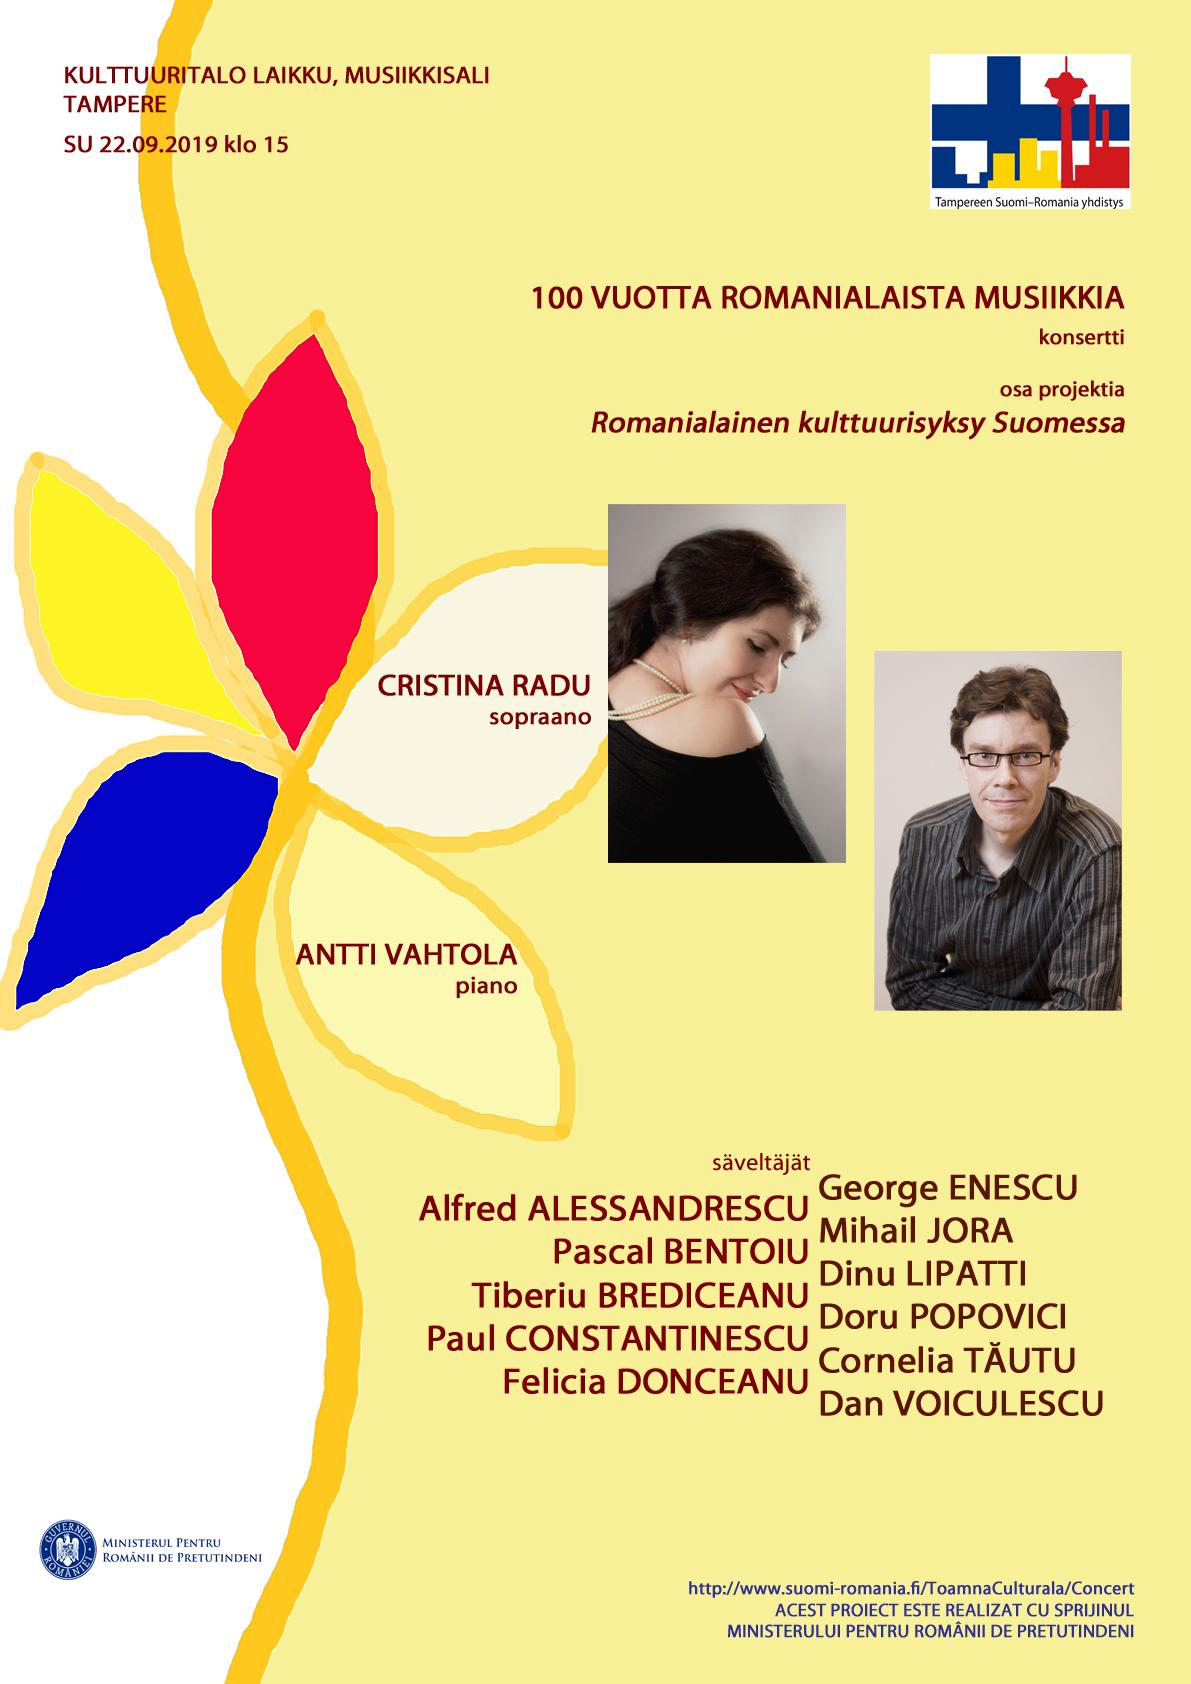 100 vuotta romanialaista musiikkia